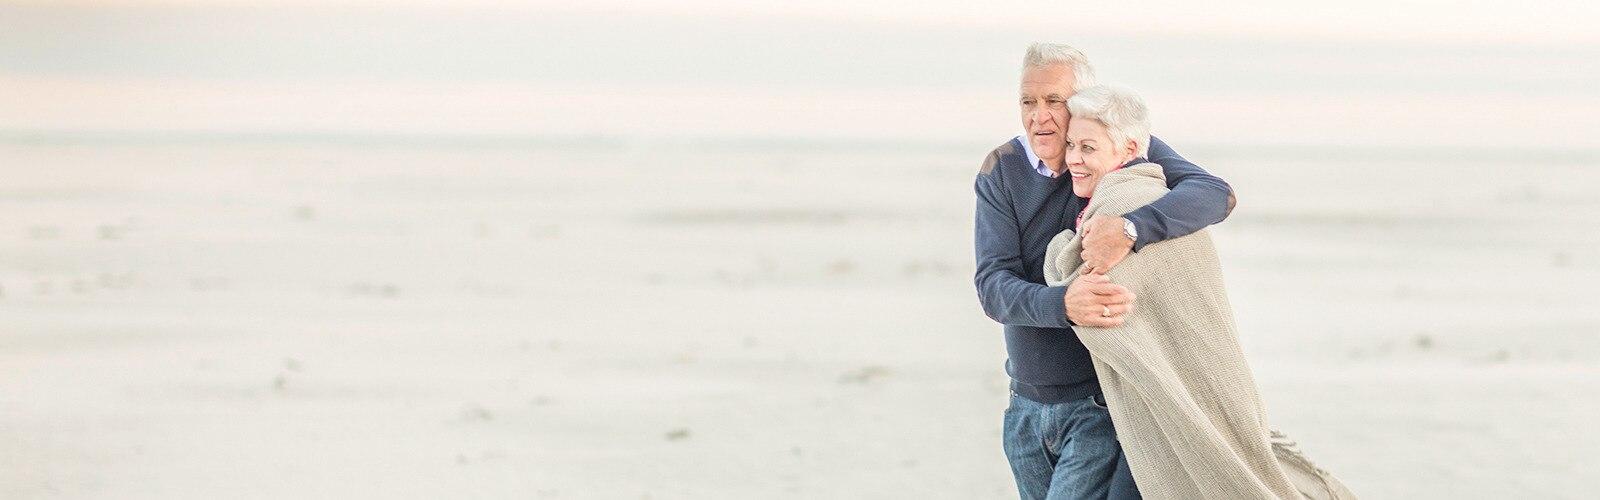 Ένα ζευγάρι περπατάει στην παραλία